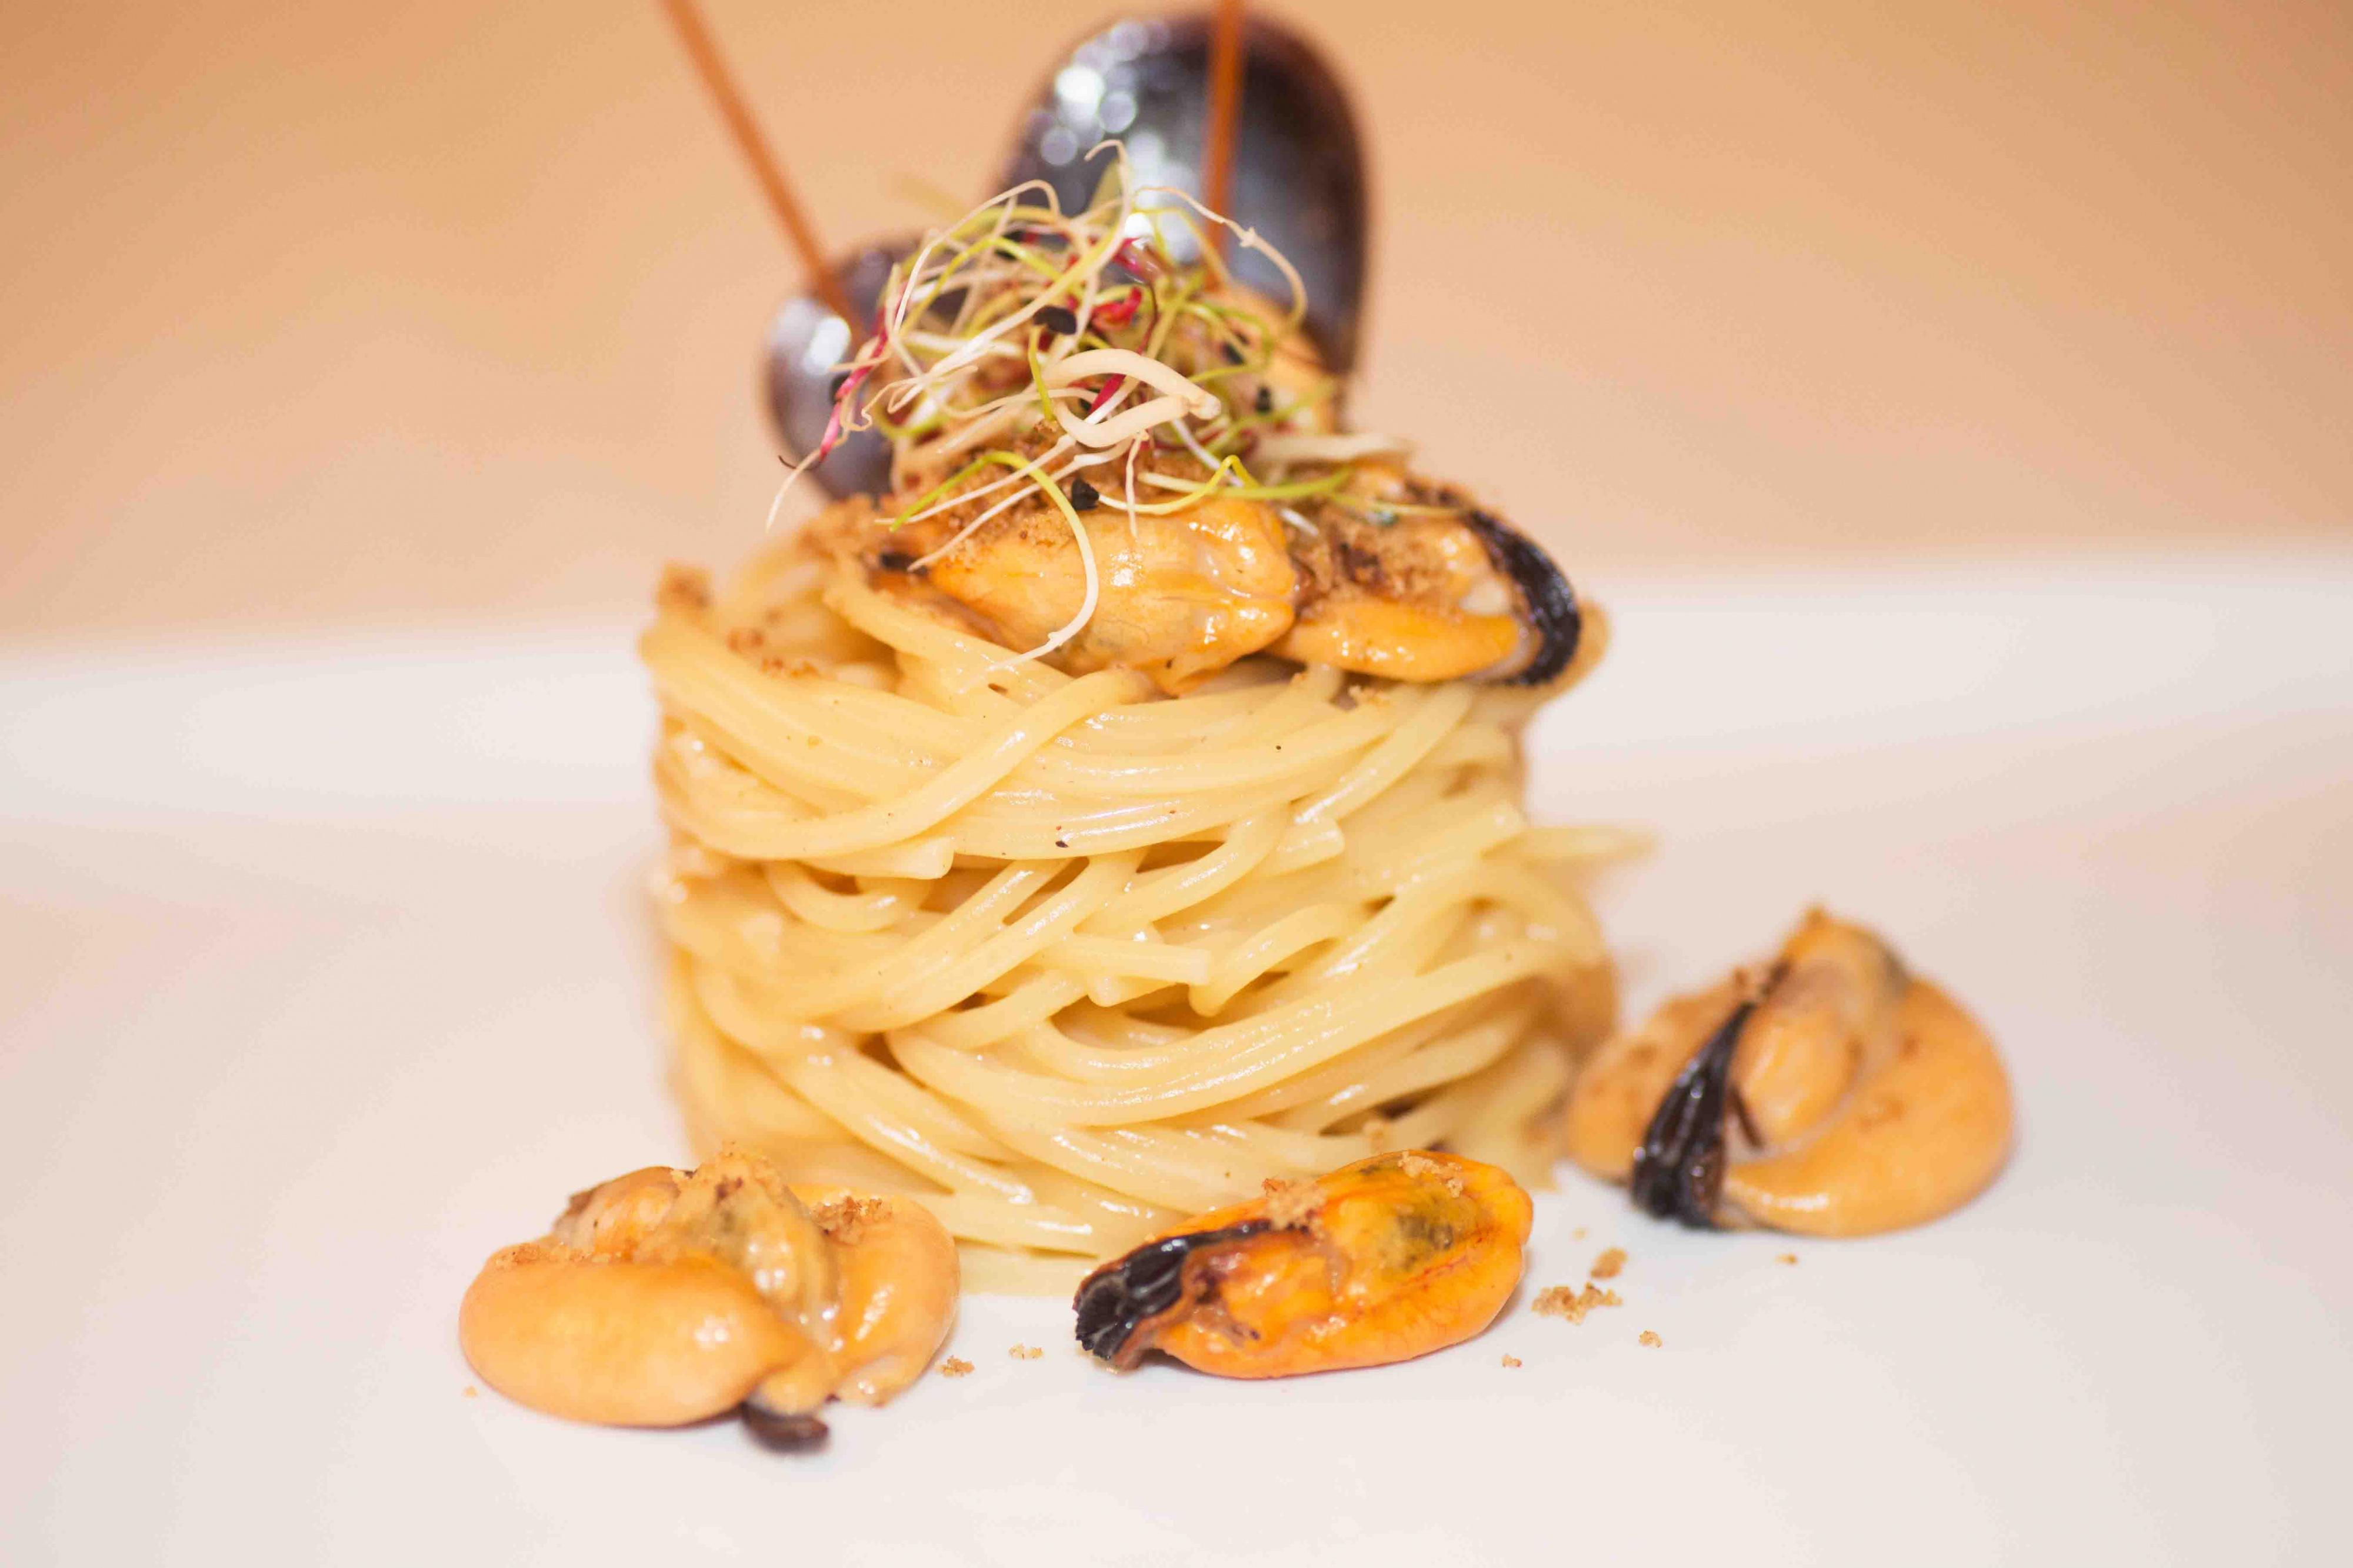 spizzicoteca-michelangelo-ristorante-lugano-pizza-risotto